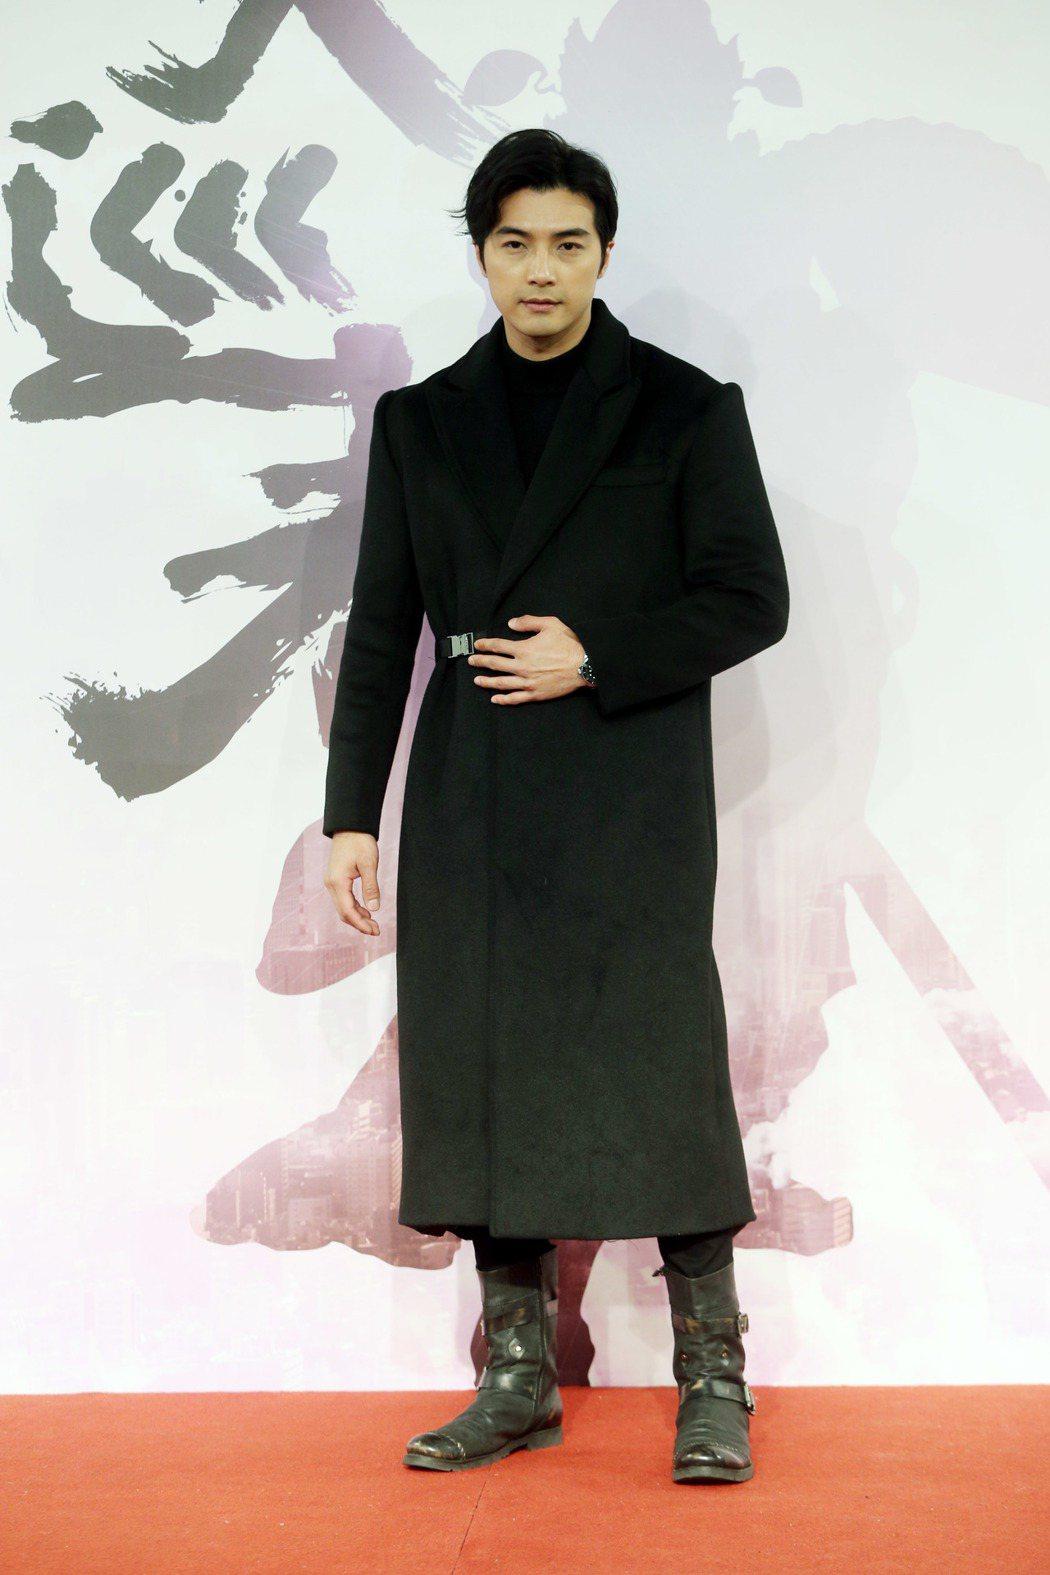 三立新華劇《天巡者》舉行男主角公布記者會,由賀軍翔主演,將「驅魔真君」鍾馗的傳說...